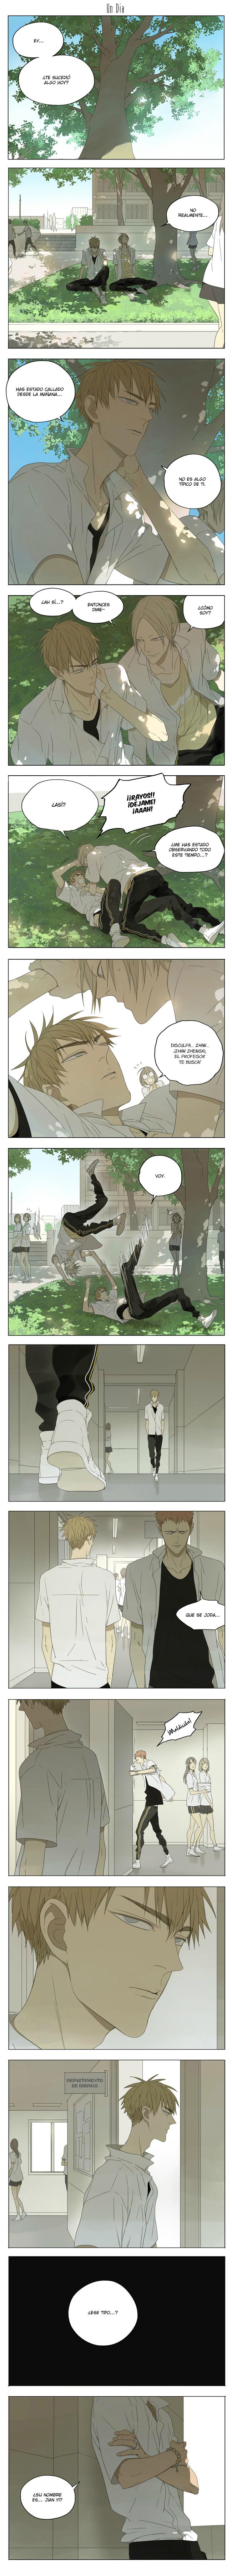 http://c5.ninemanga.com/es_manga/7/15943/430531/54bad81bce2b57e0e8cd64db831b57f3.jpg Page 1